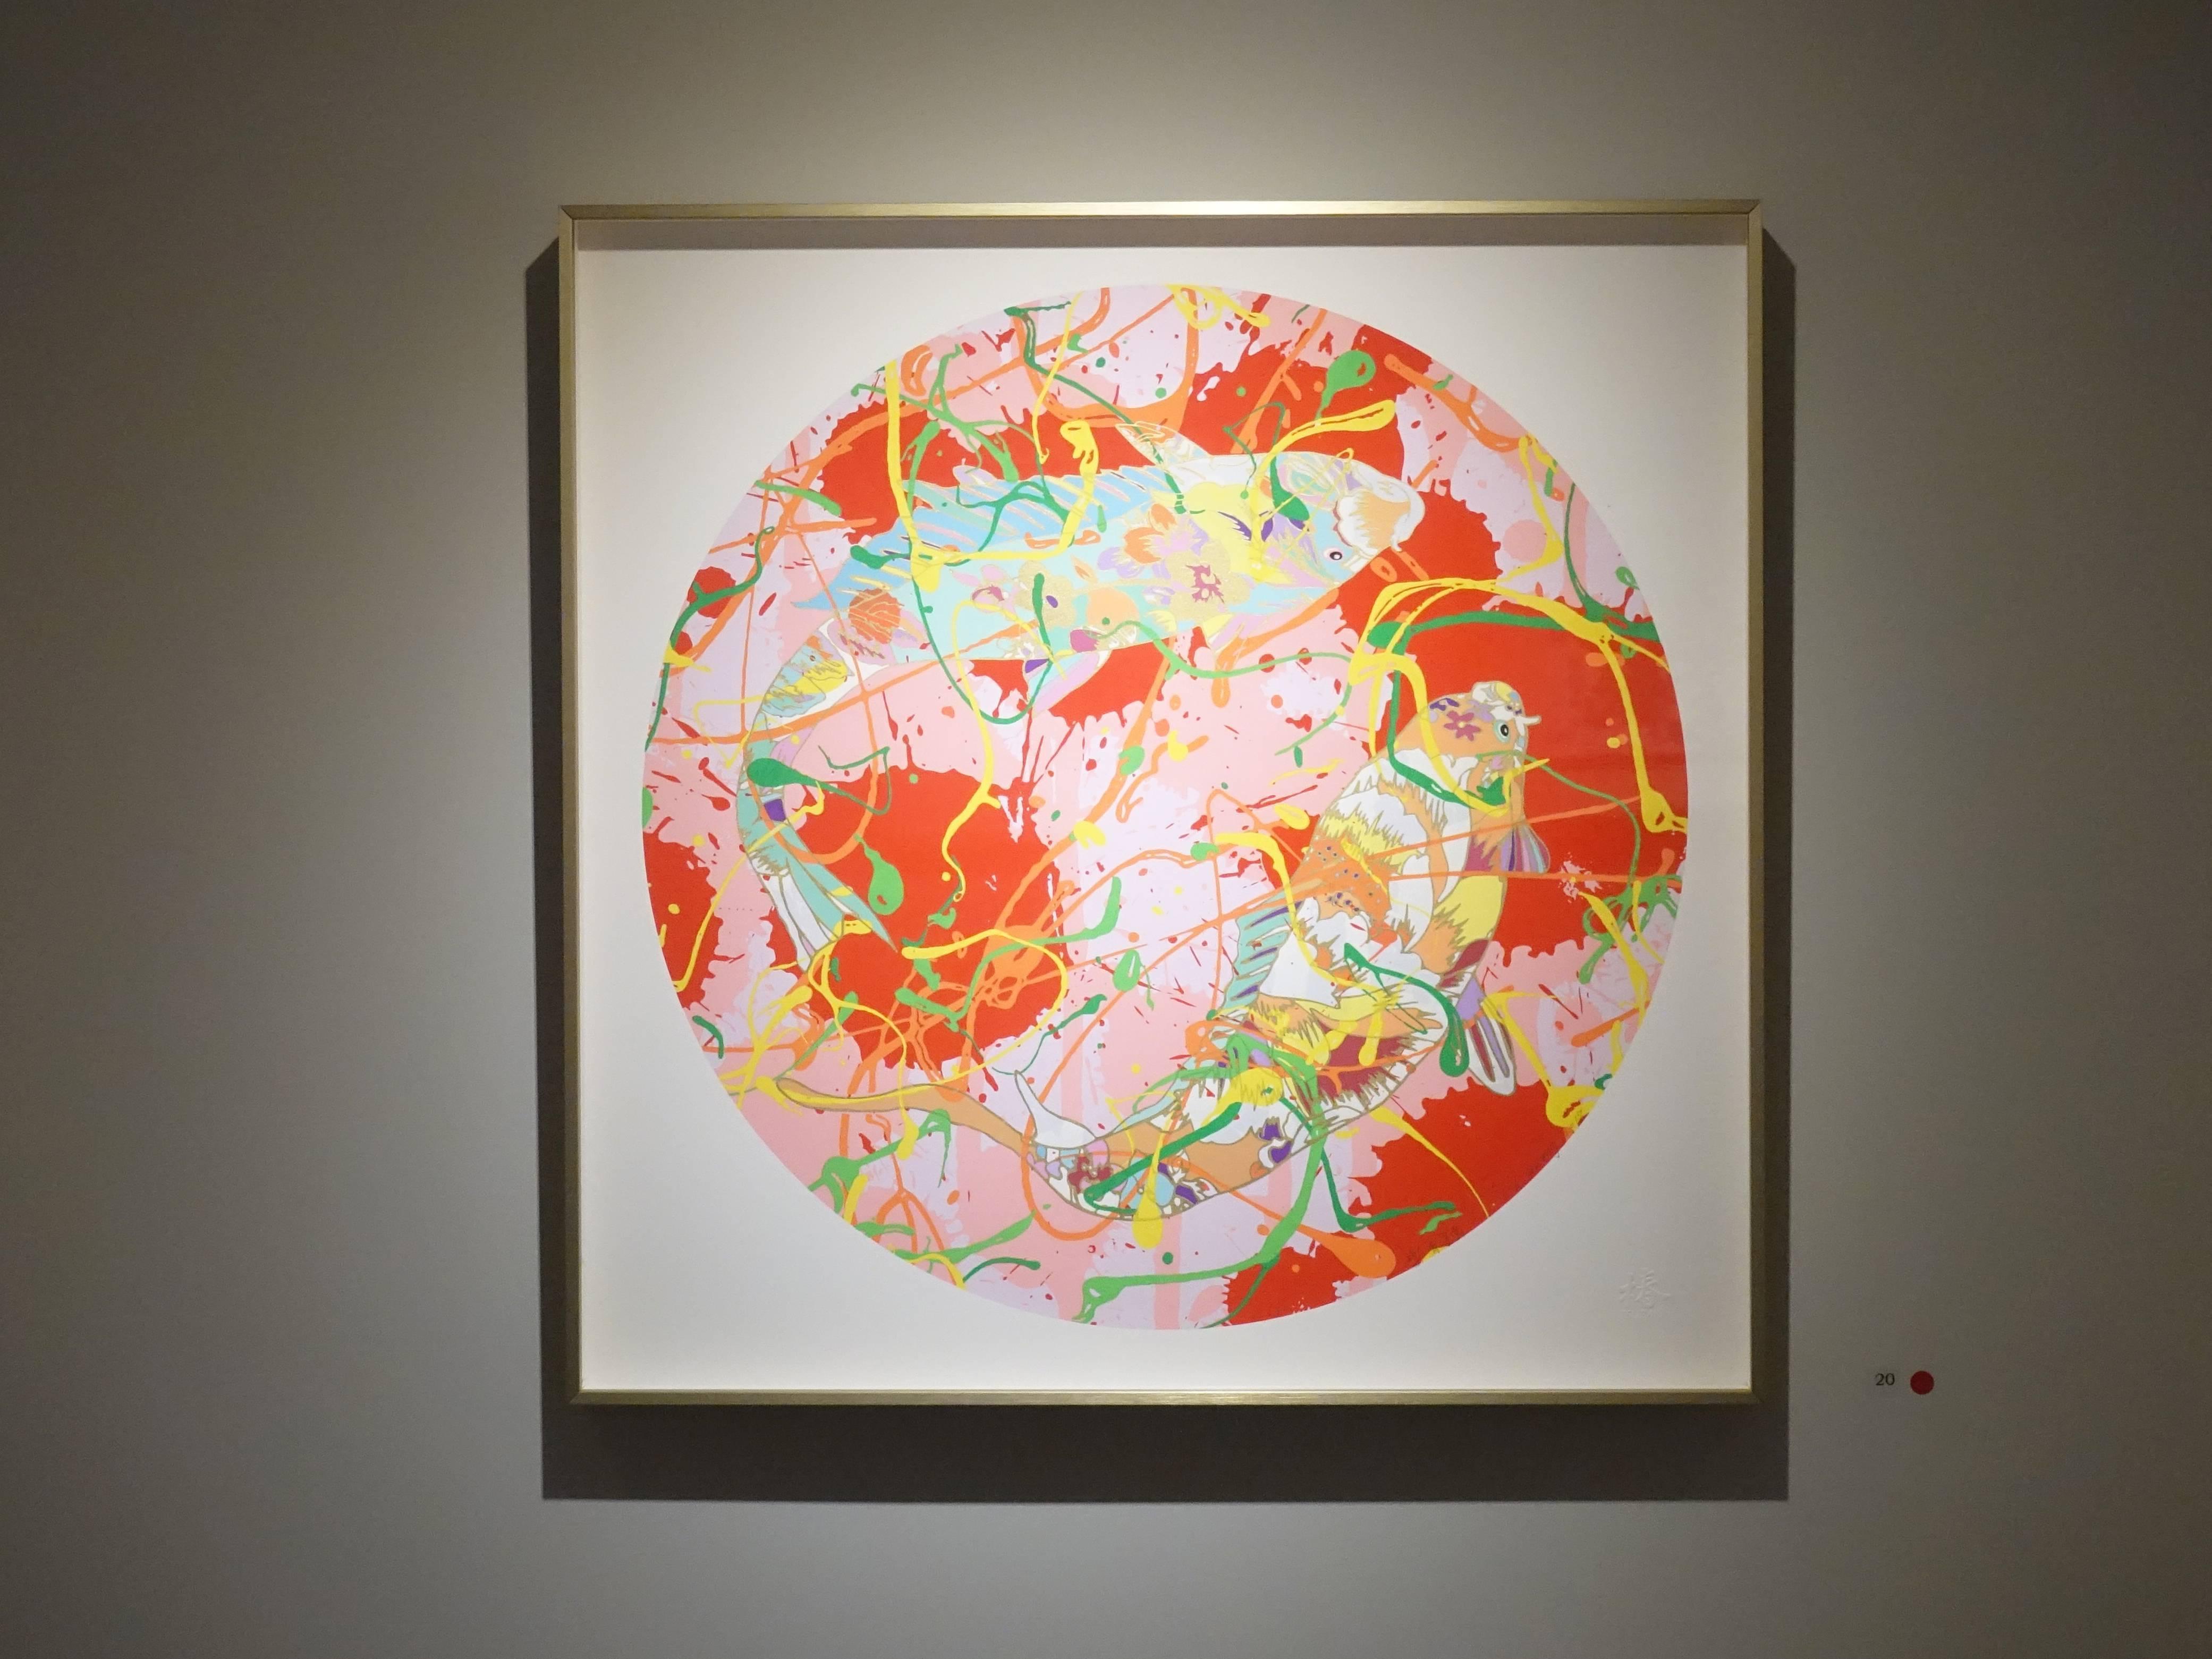 黃樁元,《樂有餘》,50 x 50 cm,11/30,絹版,2018。